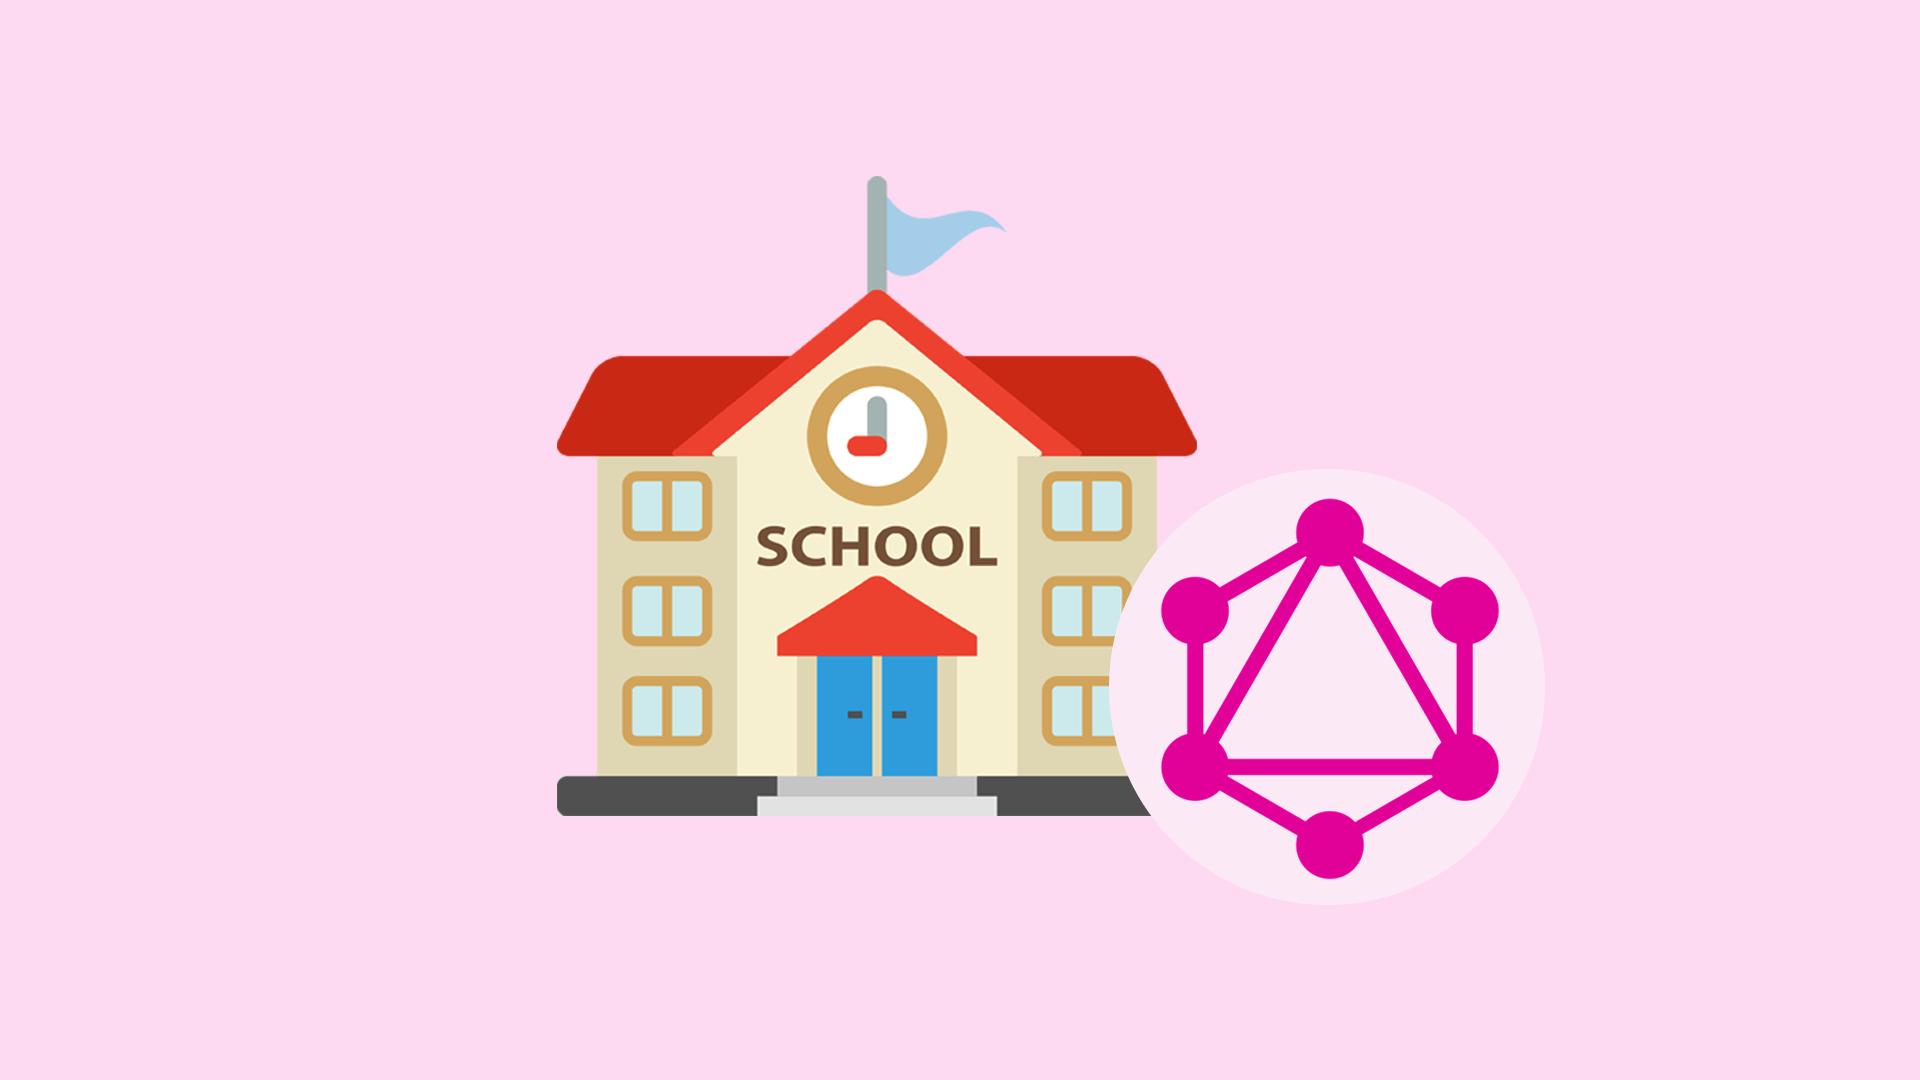 آموزش graphQl در قالب ساخت اپلیکیشن مدرسه